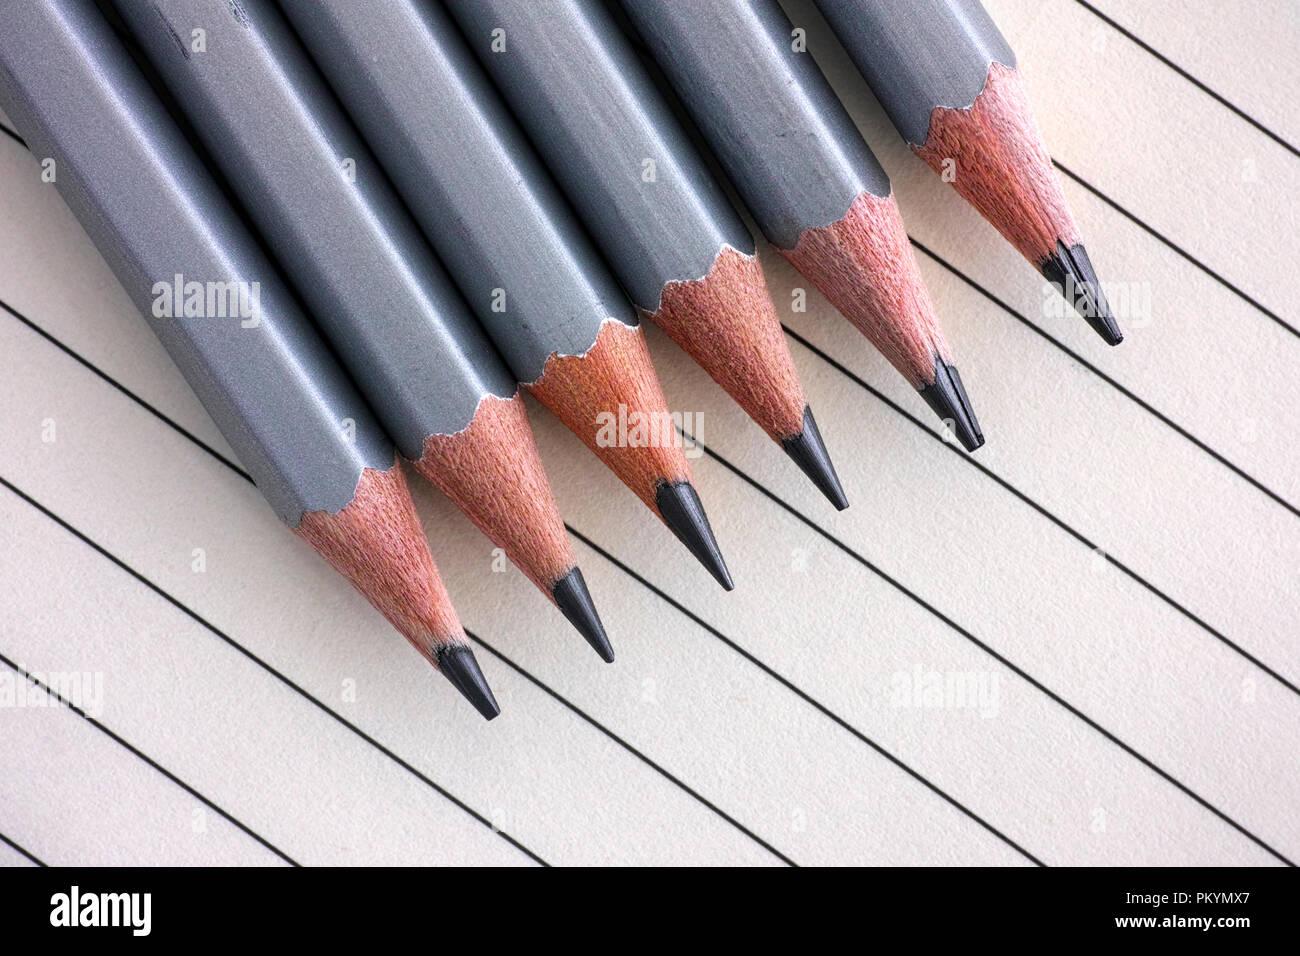 Grau graphit Bleistift in einer Reihe auf liniertem Papier Hintergrund. Stockbild